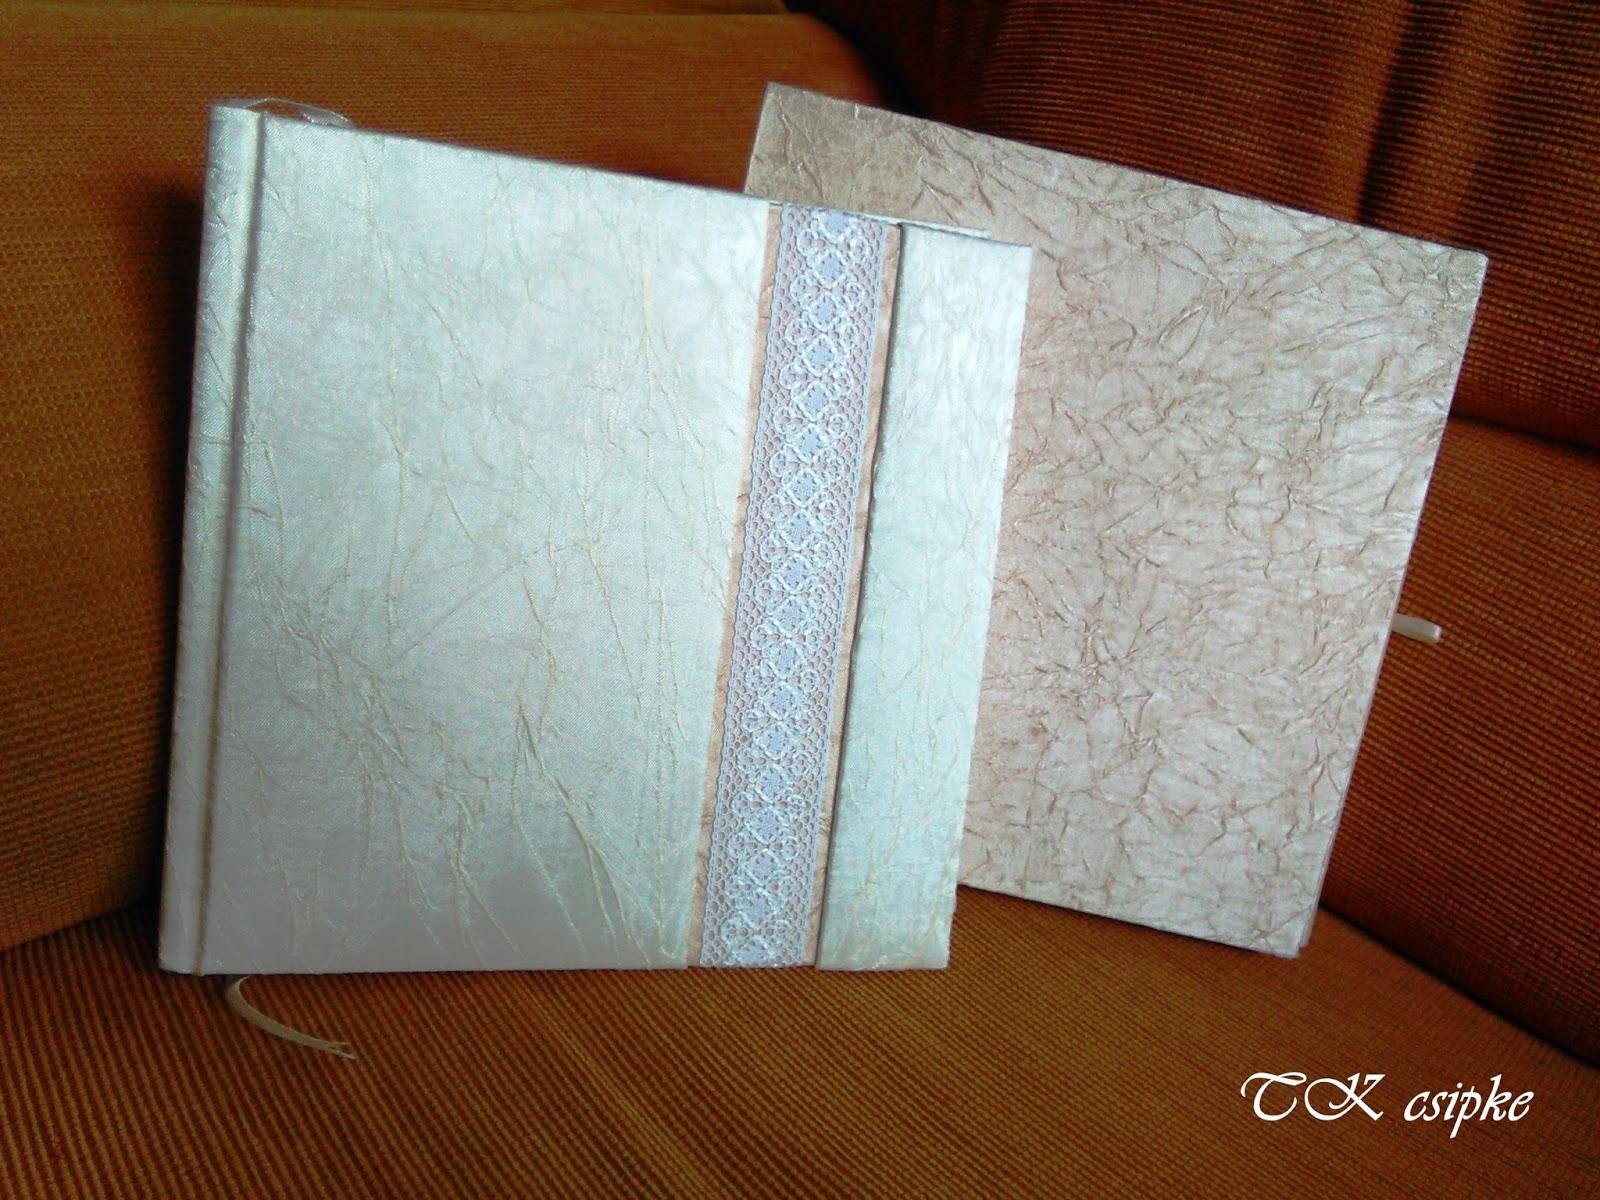 7506a0d629 TK csipke: Esküvői vendégkönyv